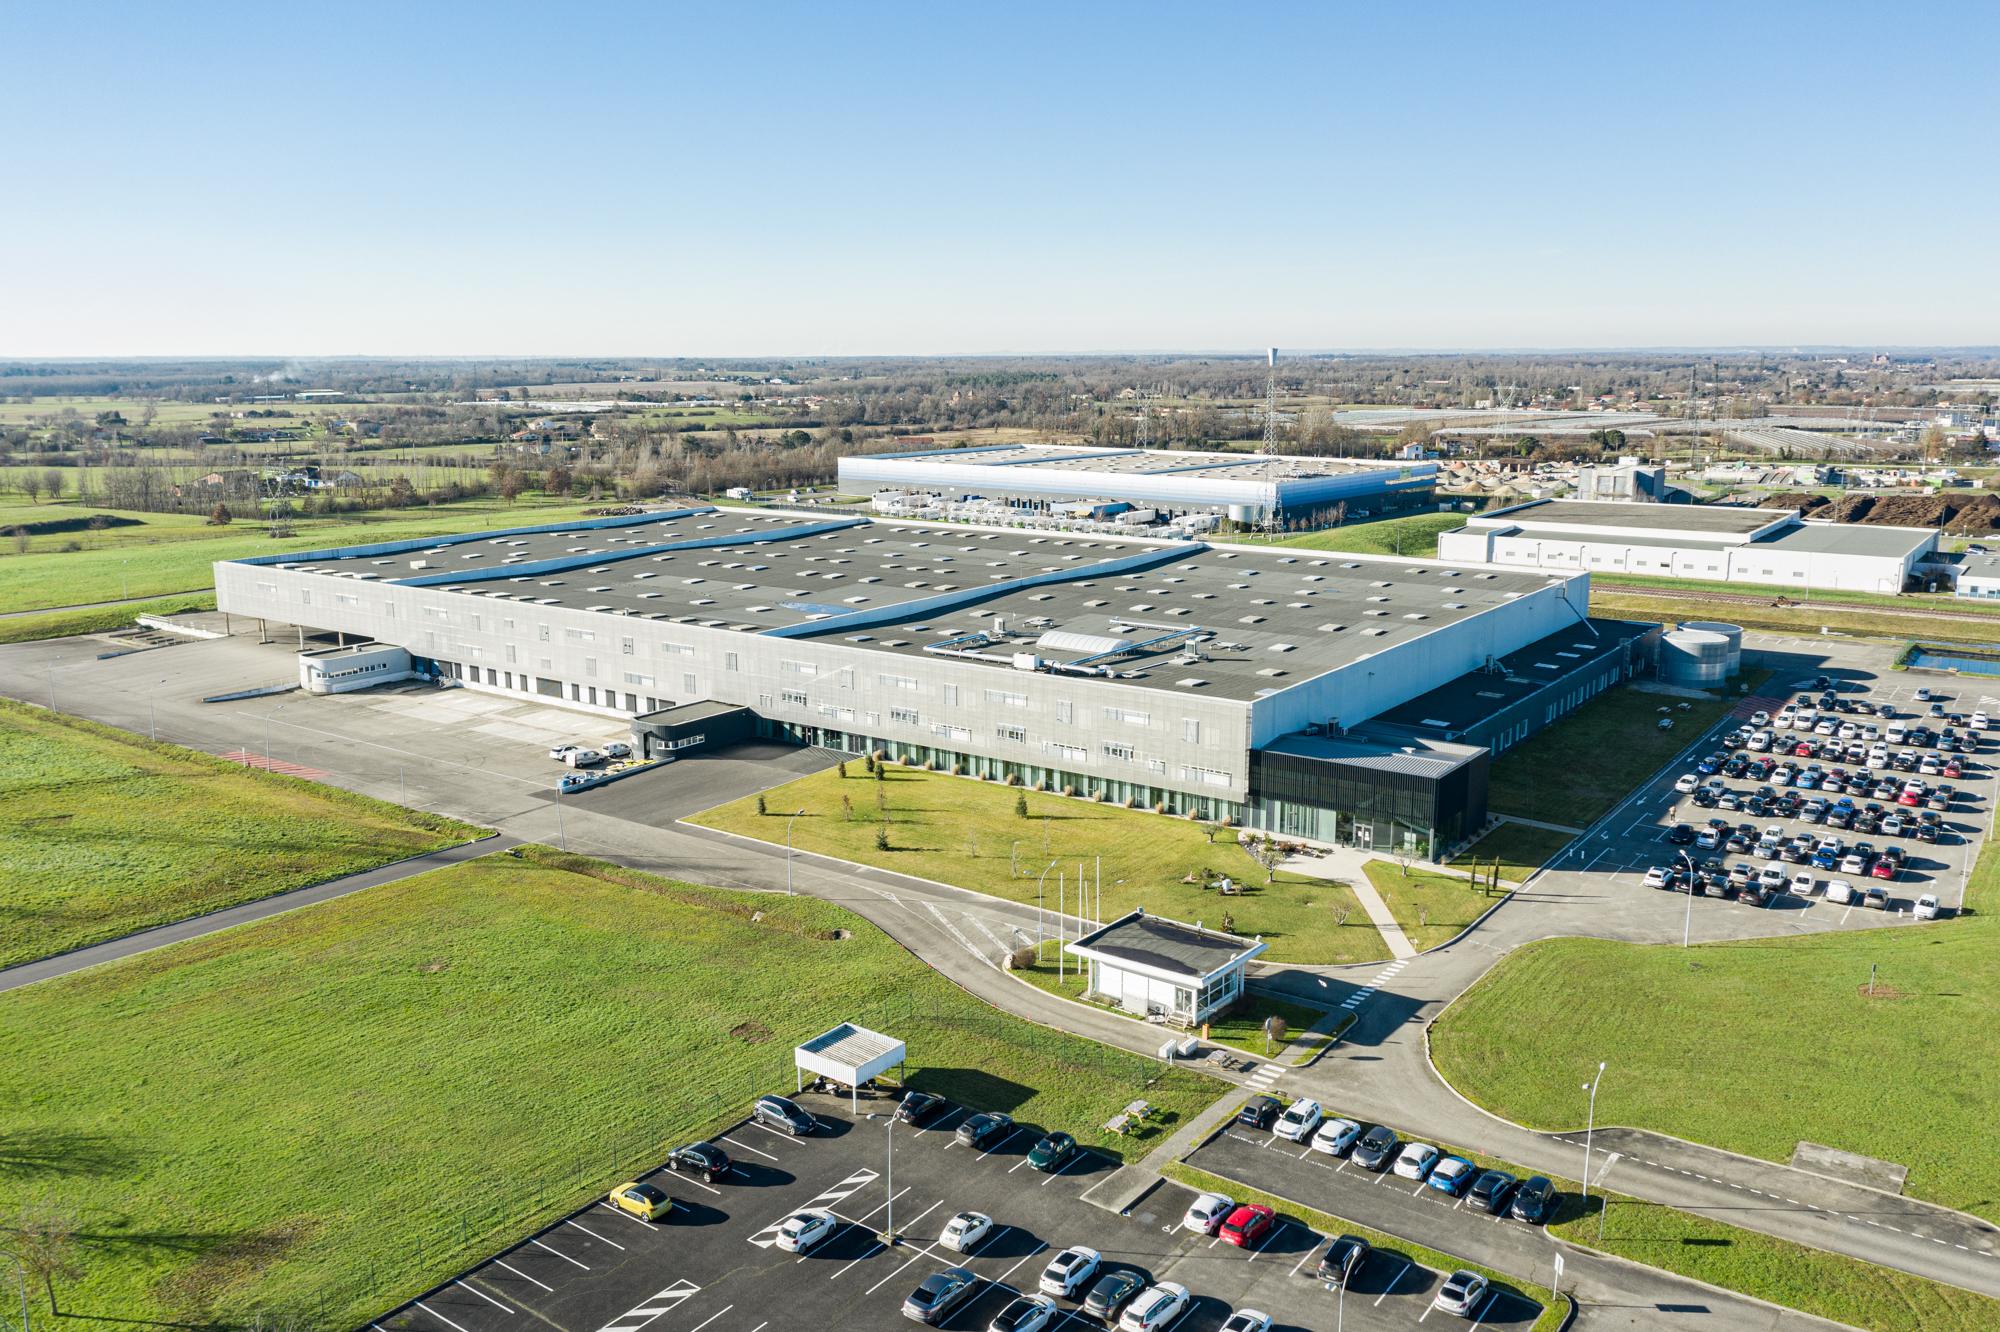 Réalisation de photographies aérienne par drone d'une usine